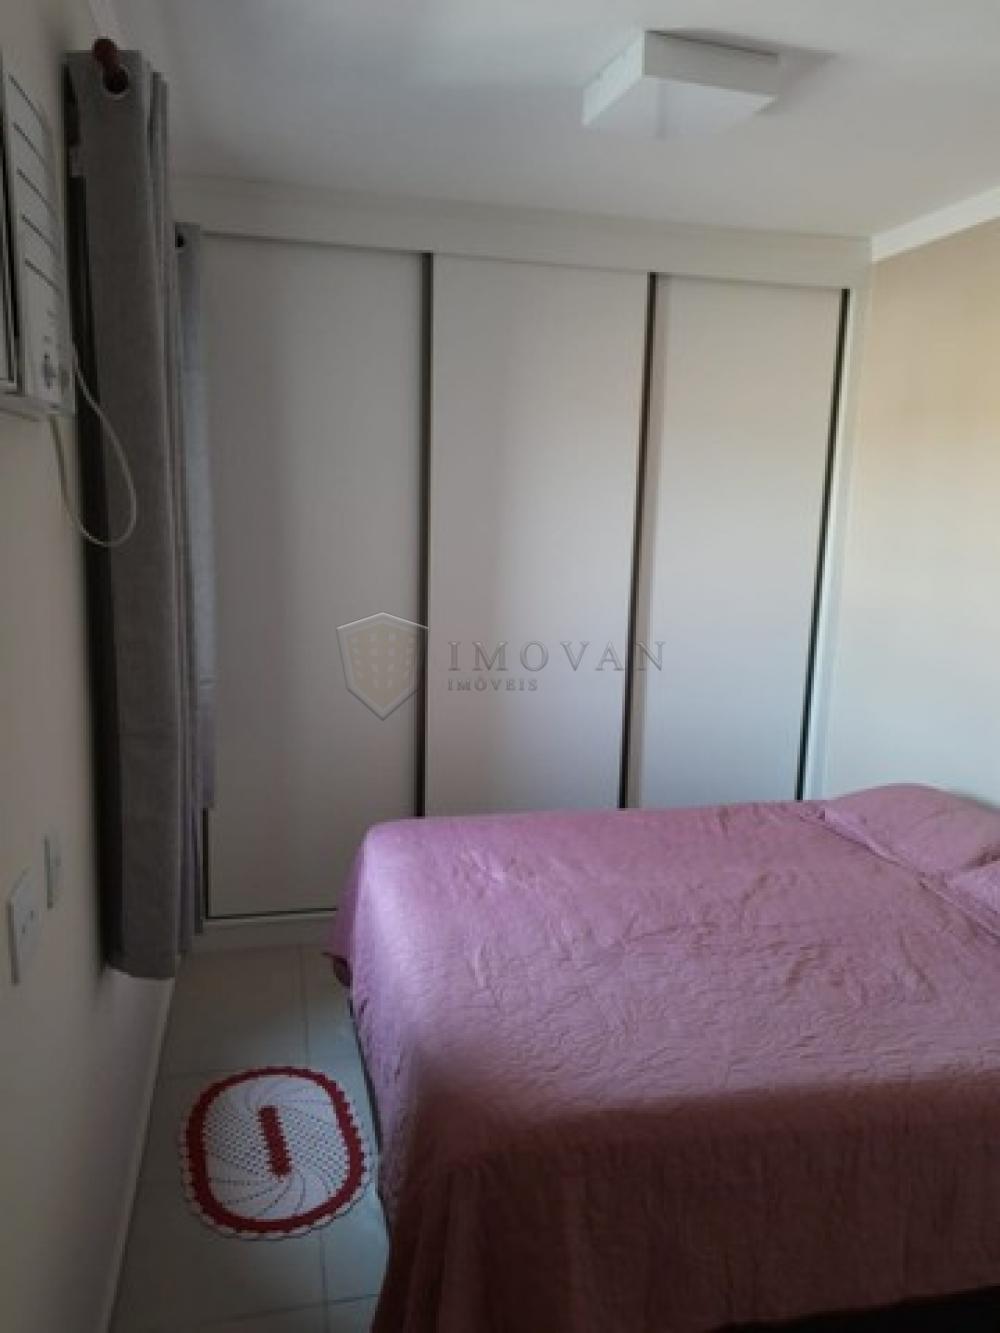 Comprar Apartamento / Padrão em Ribeirão Preto R$ 225.000,00 - Foto 7